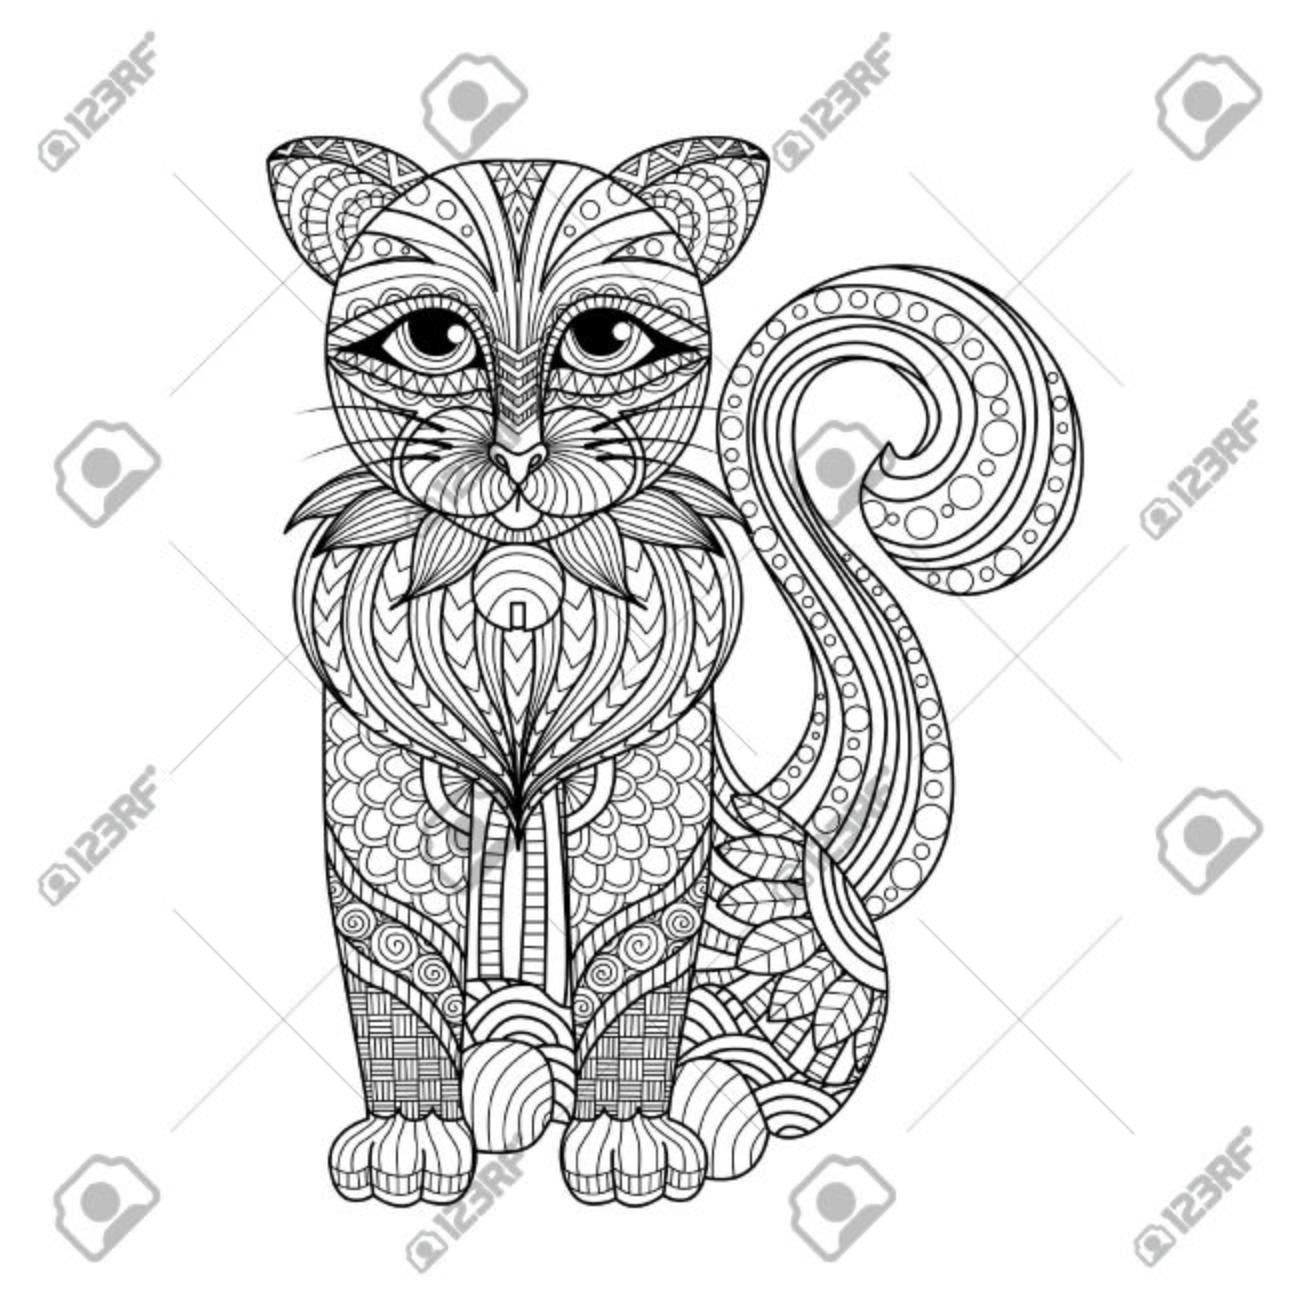 Zeichnung Katze Für Malvorlagen, Shirt-Design-Effekt,, Tattoo Und ...